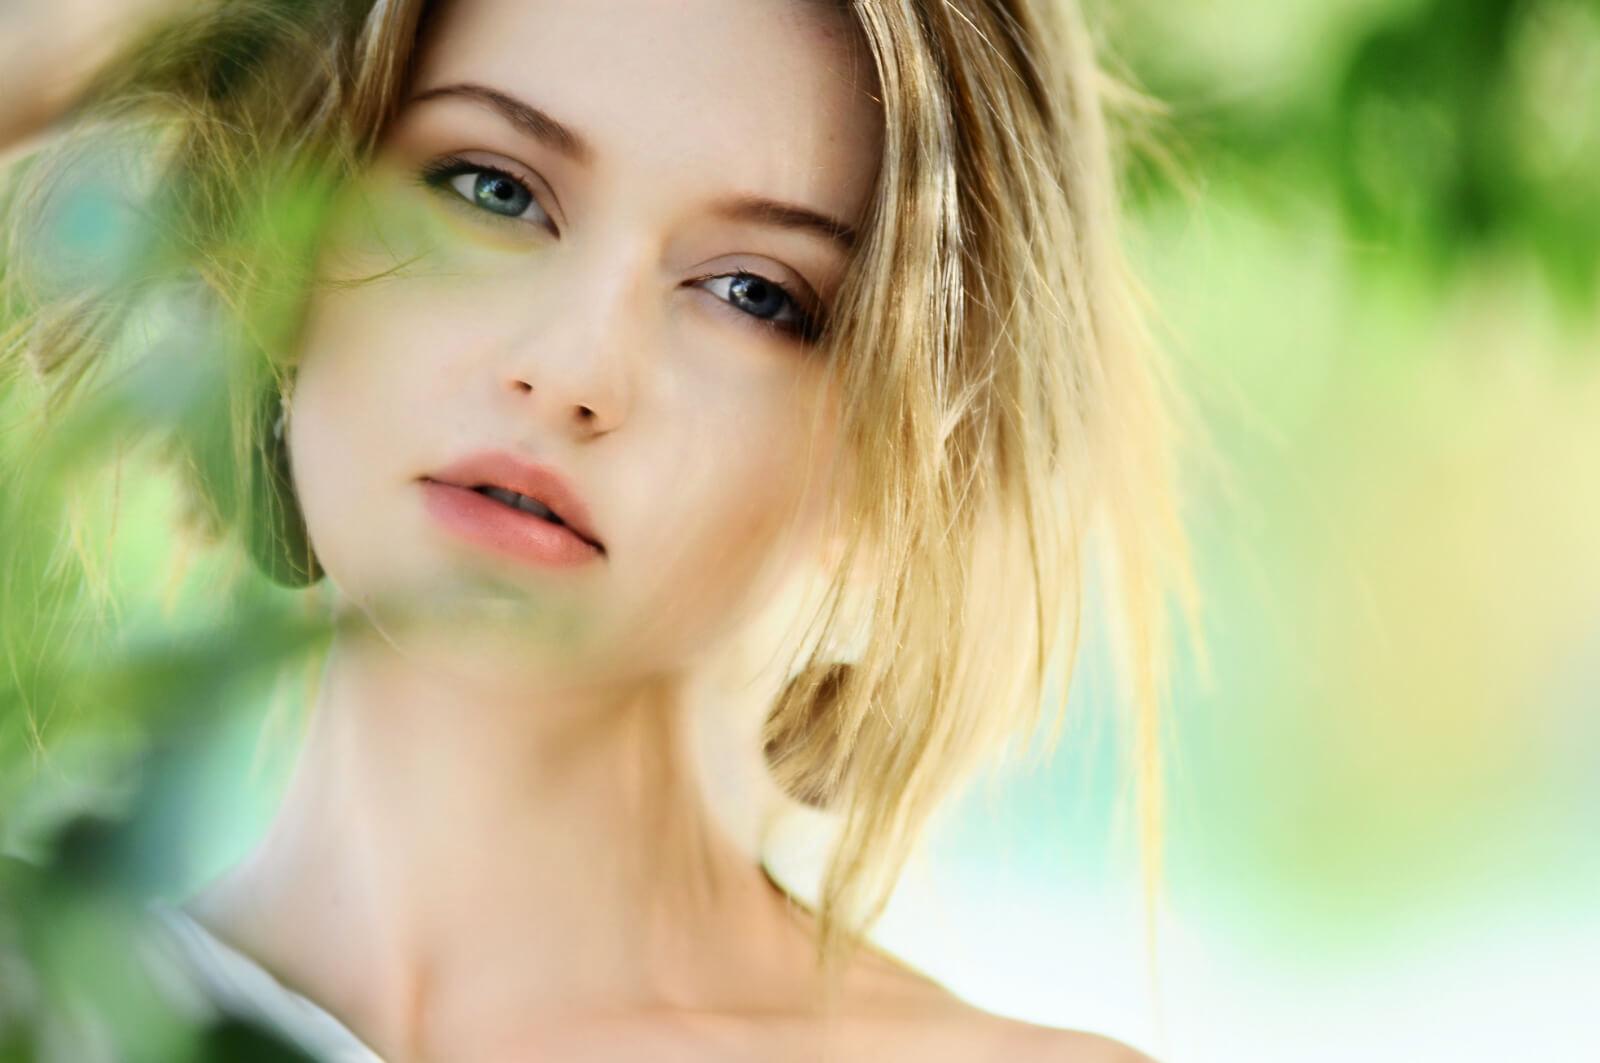 Dr.-Spiller-Alpenrausch-Organic-Active-Moisturising-Cream-abloomnova.net_-1600x1063 The benefits of a good moisturiser